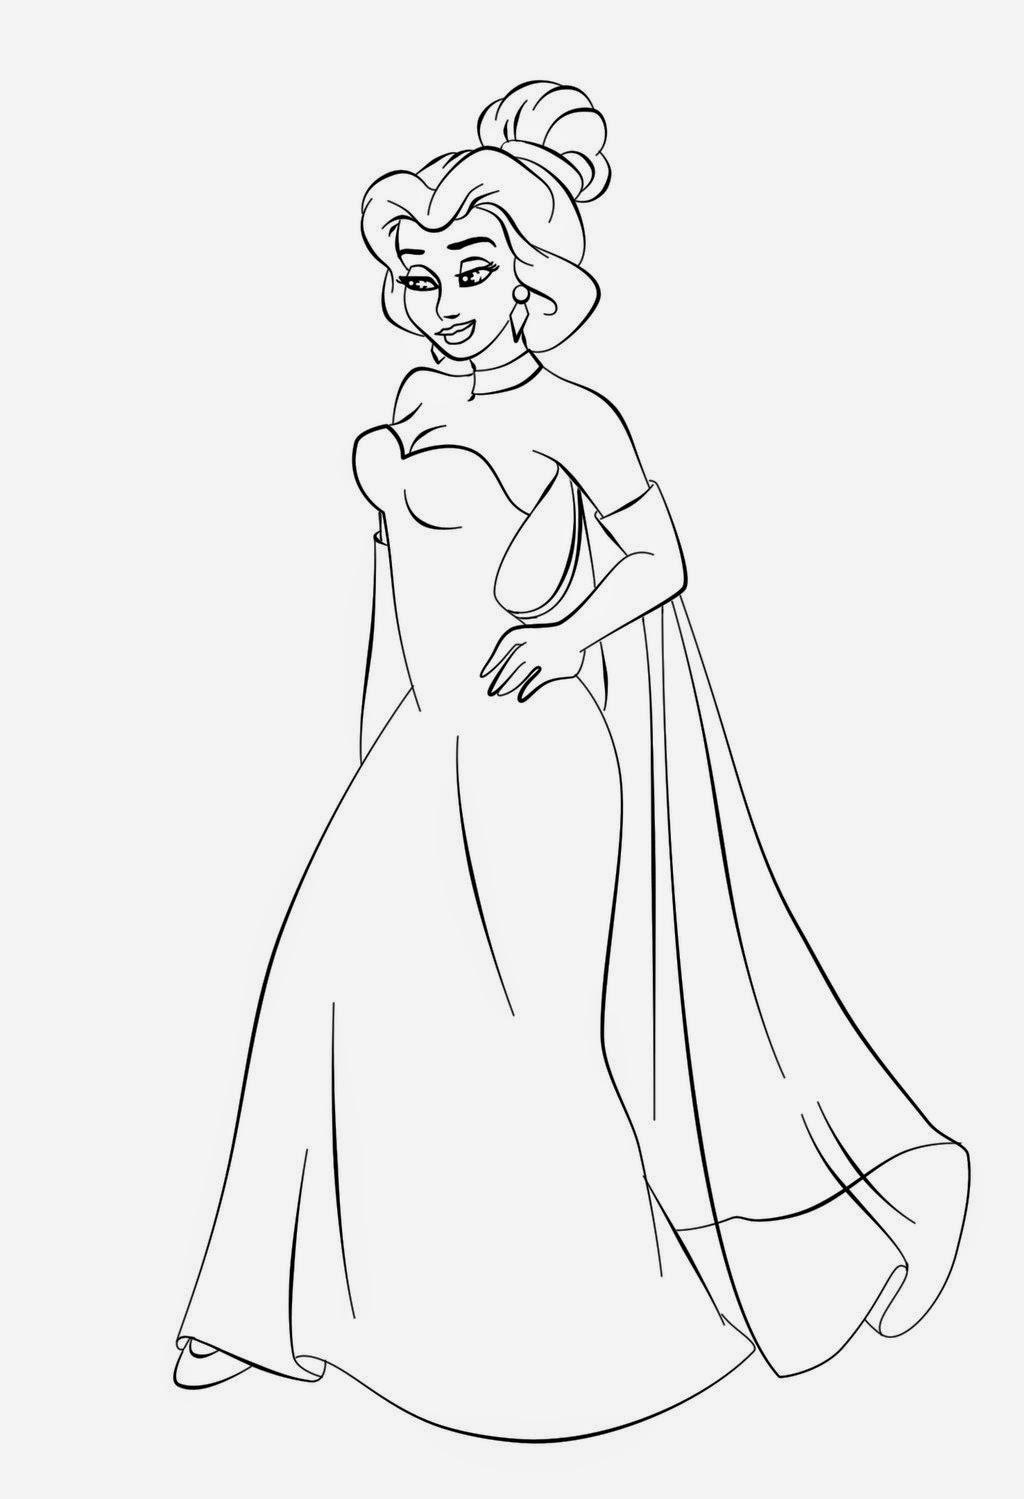 Schede Da Colorare Principesse Disegni Da Colorare Principesse